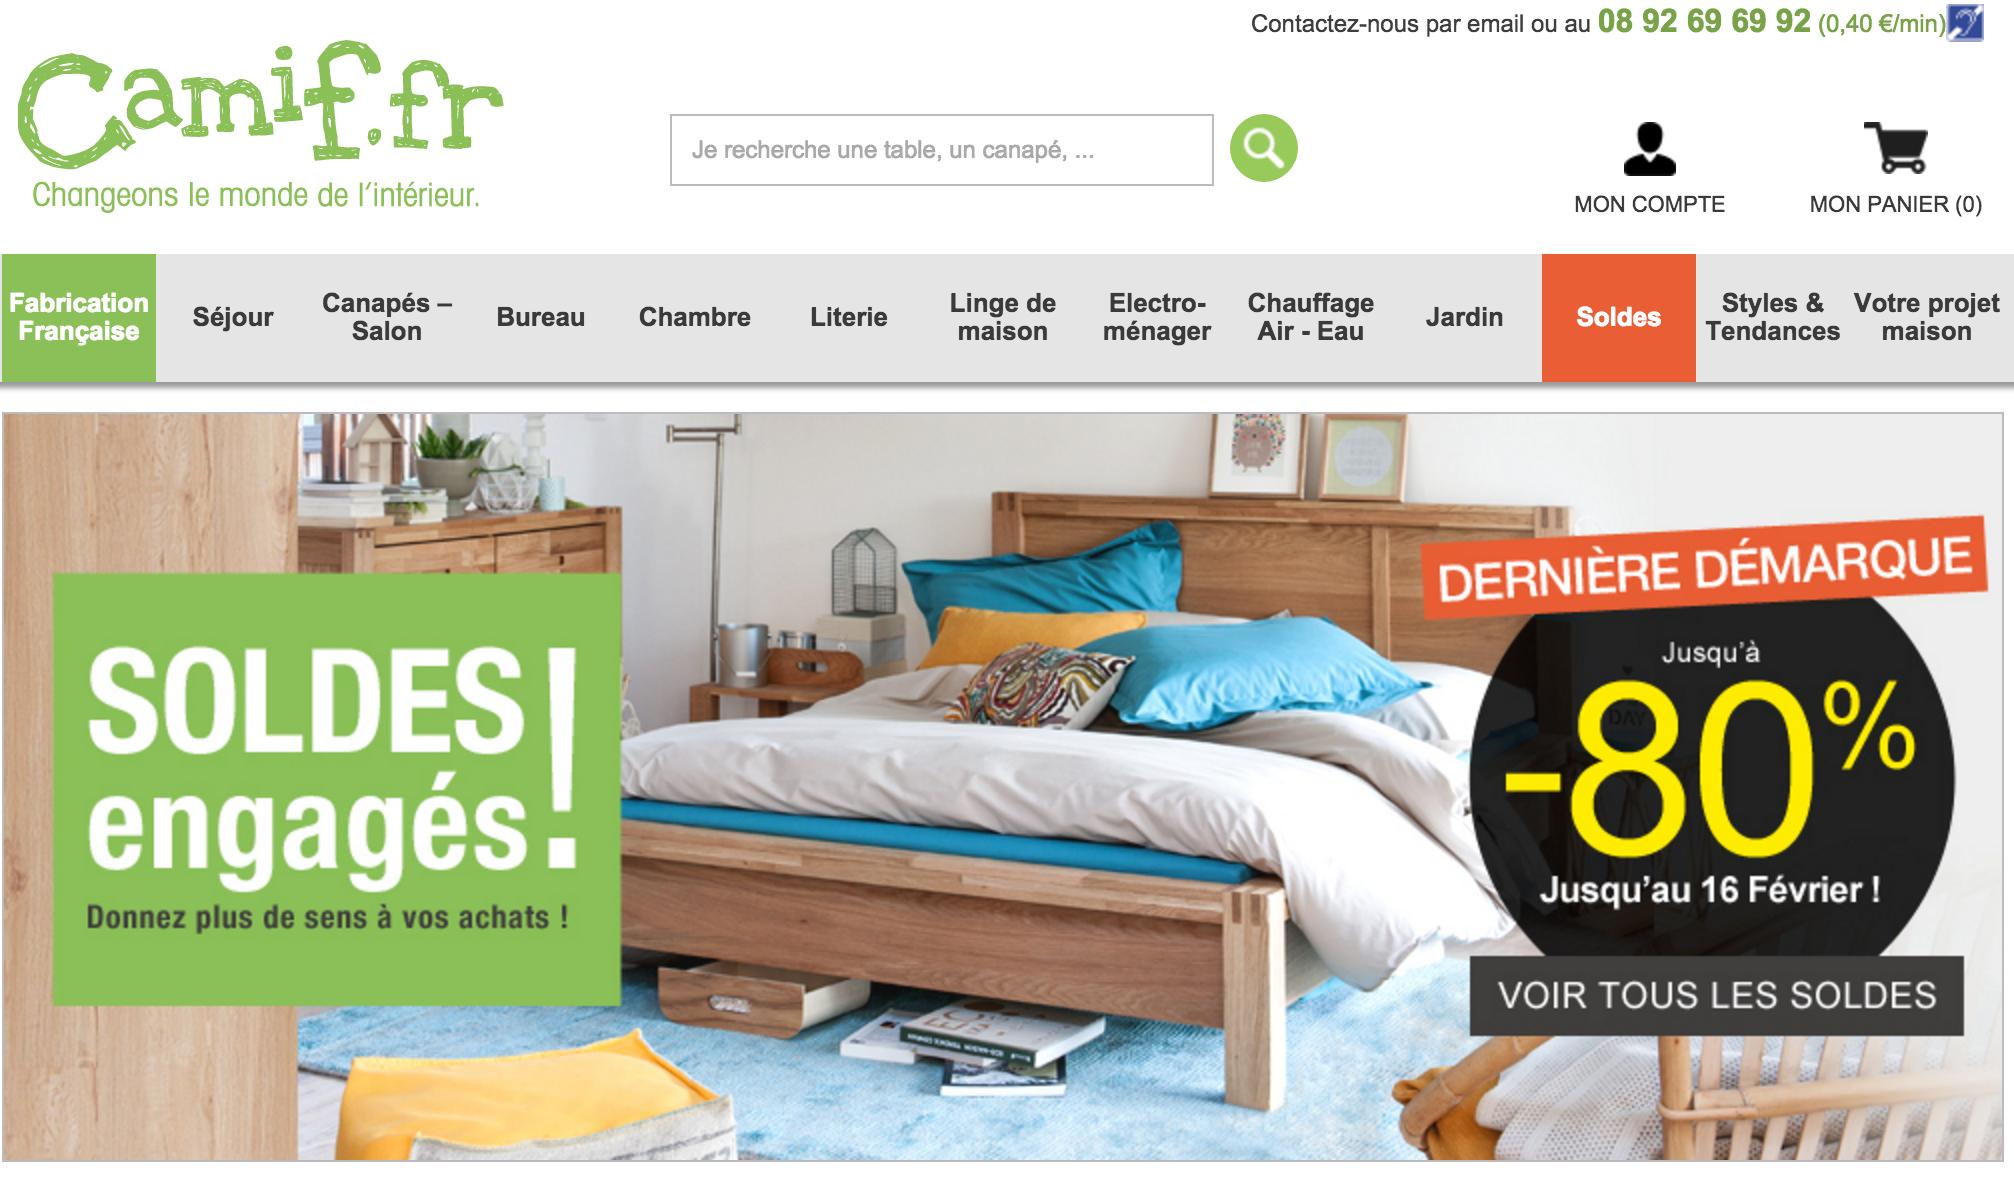 Capture du site internet officiel de Camif.fr